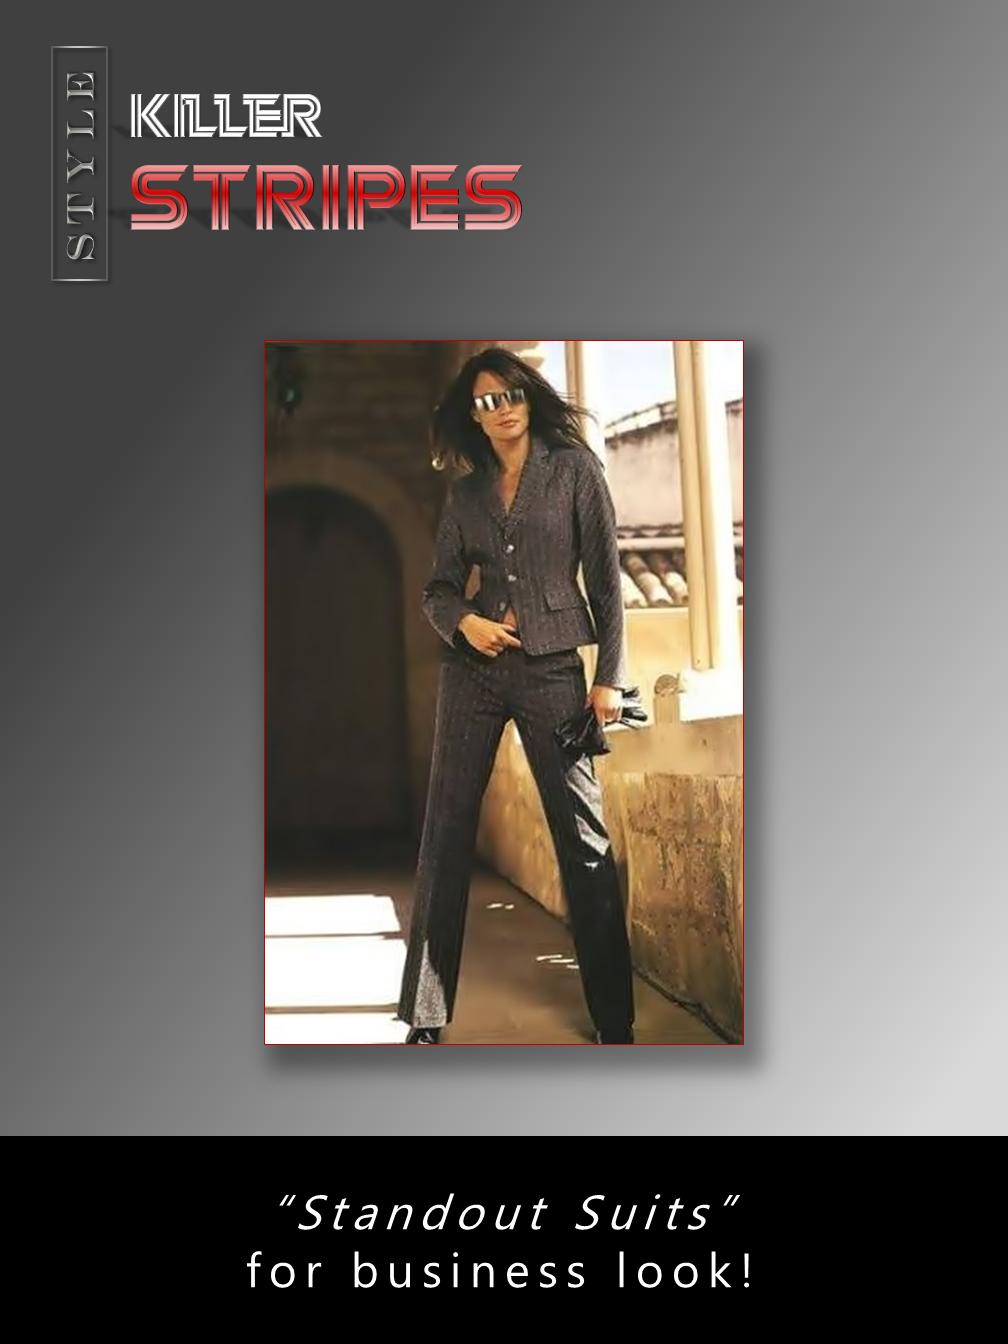 """""""Killer"""" Stripes"""